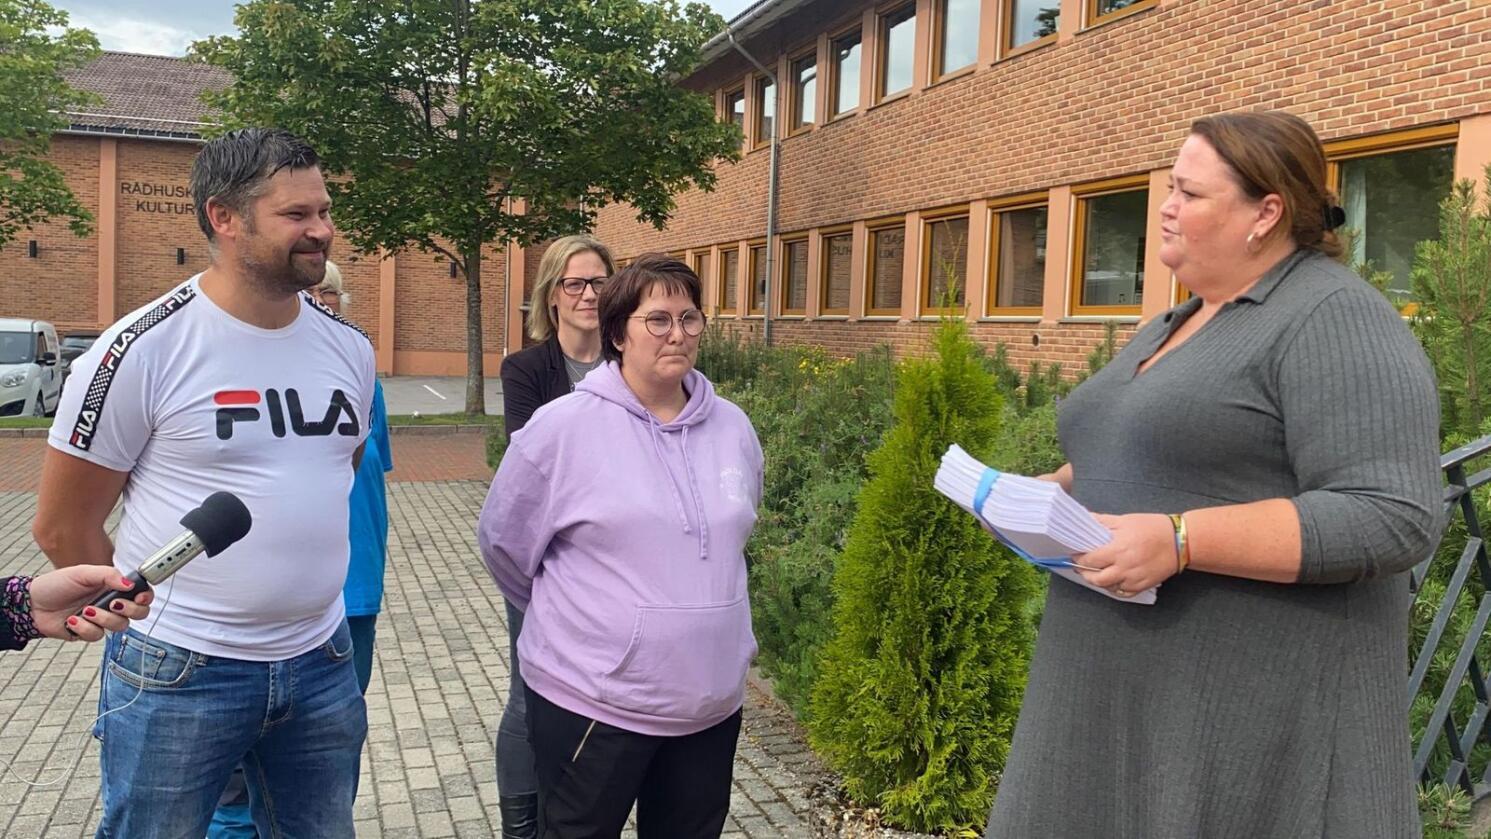 Nylig leverte Tommy Kornstad og Beate Hansen fra den lokale aksjonsgruppa et innbyggerforslag til ordfører Kari Heggelund (Sp) om at blant annet grendeskolene i Åsnes kommune må bestå. Foto: Privat